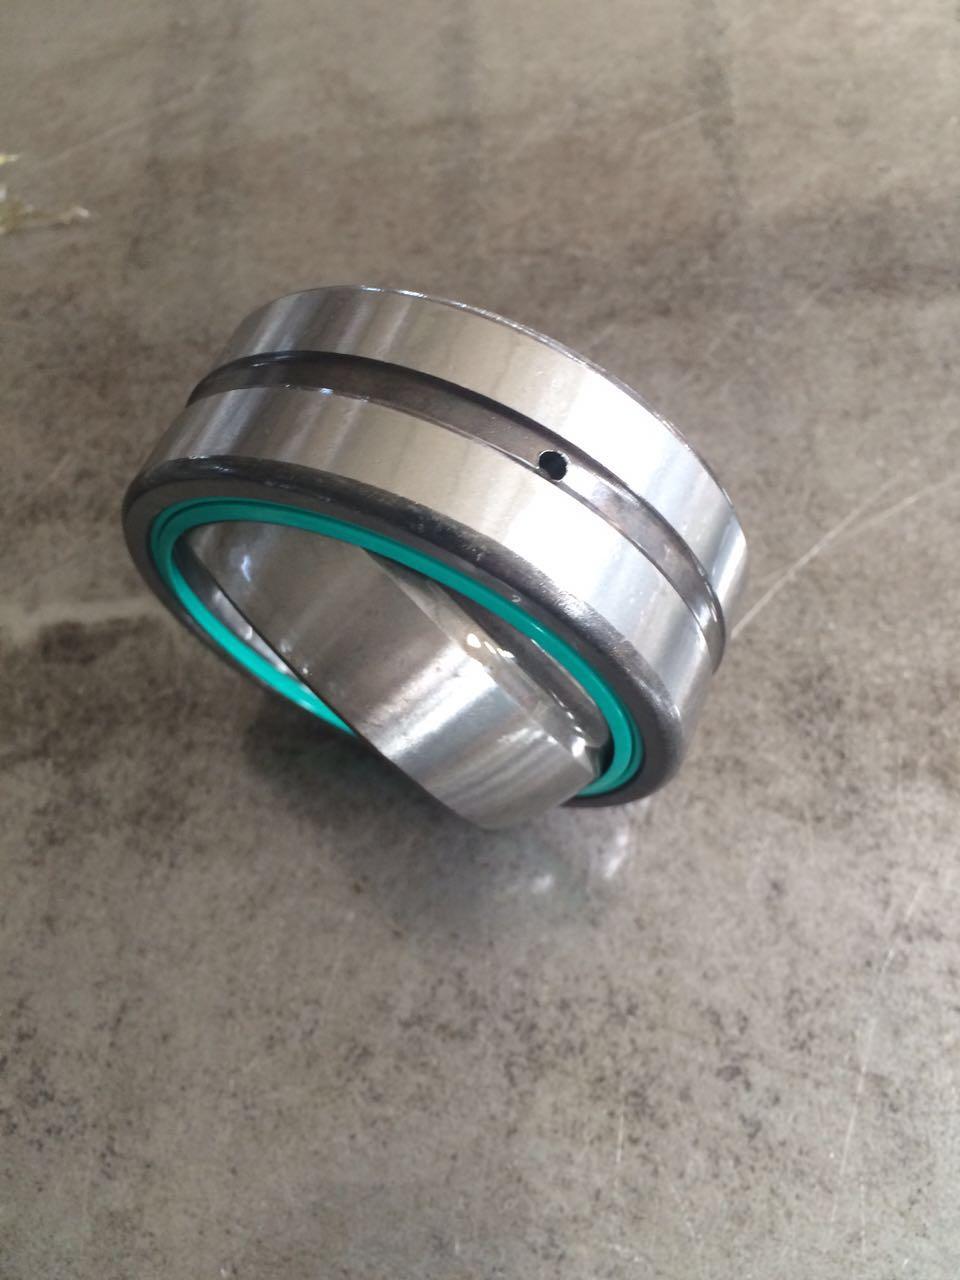 China FGB Bearing Manufacturer spherical plain bearing GE4E 4*12*5 Joint bearing